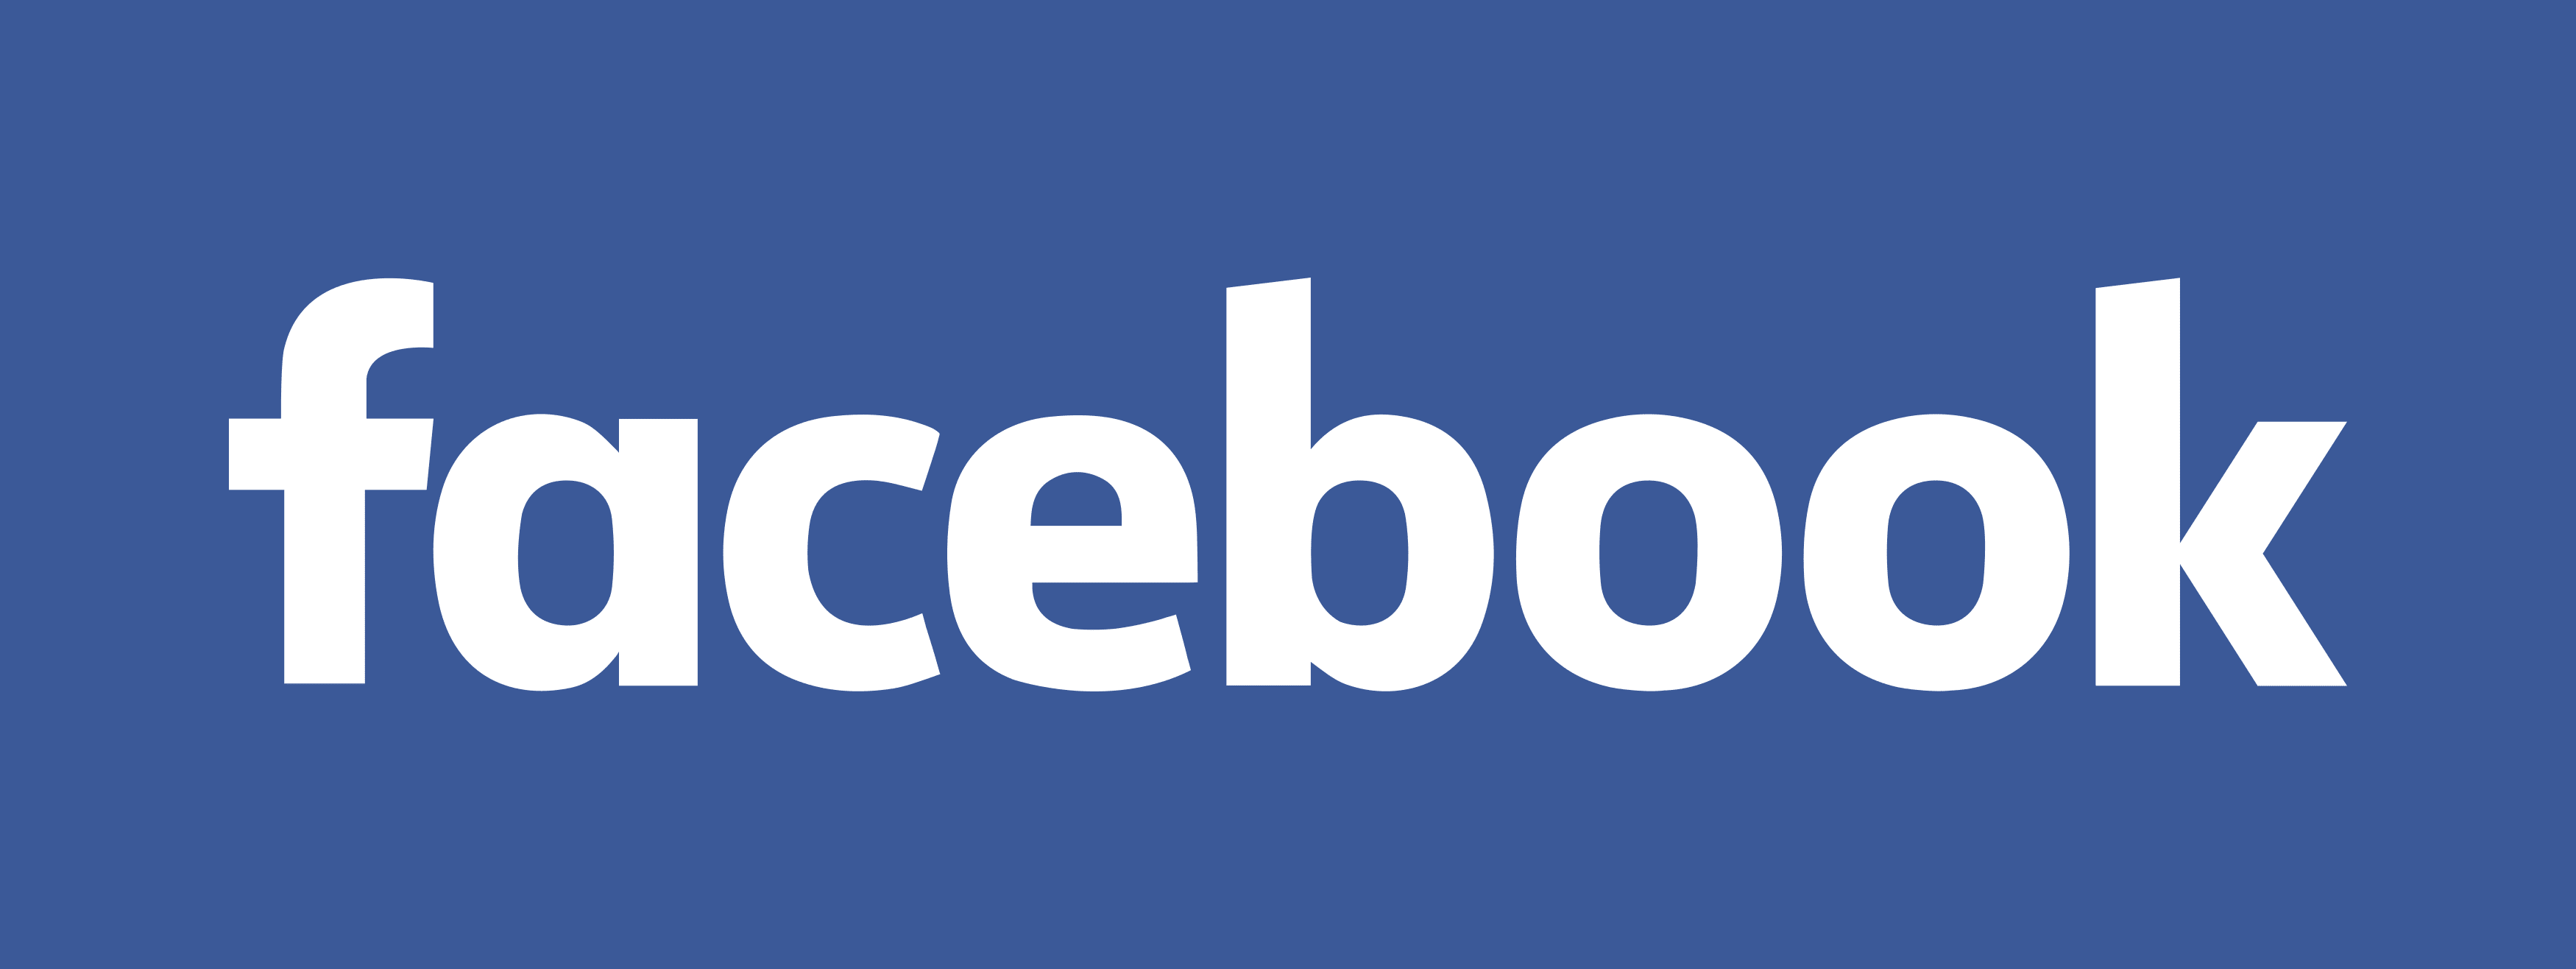 facebook survey logo